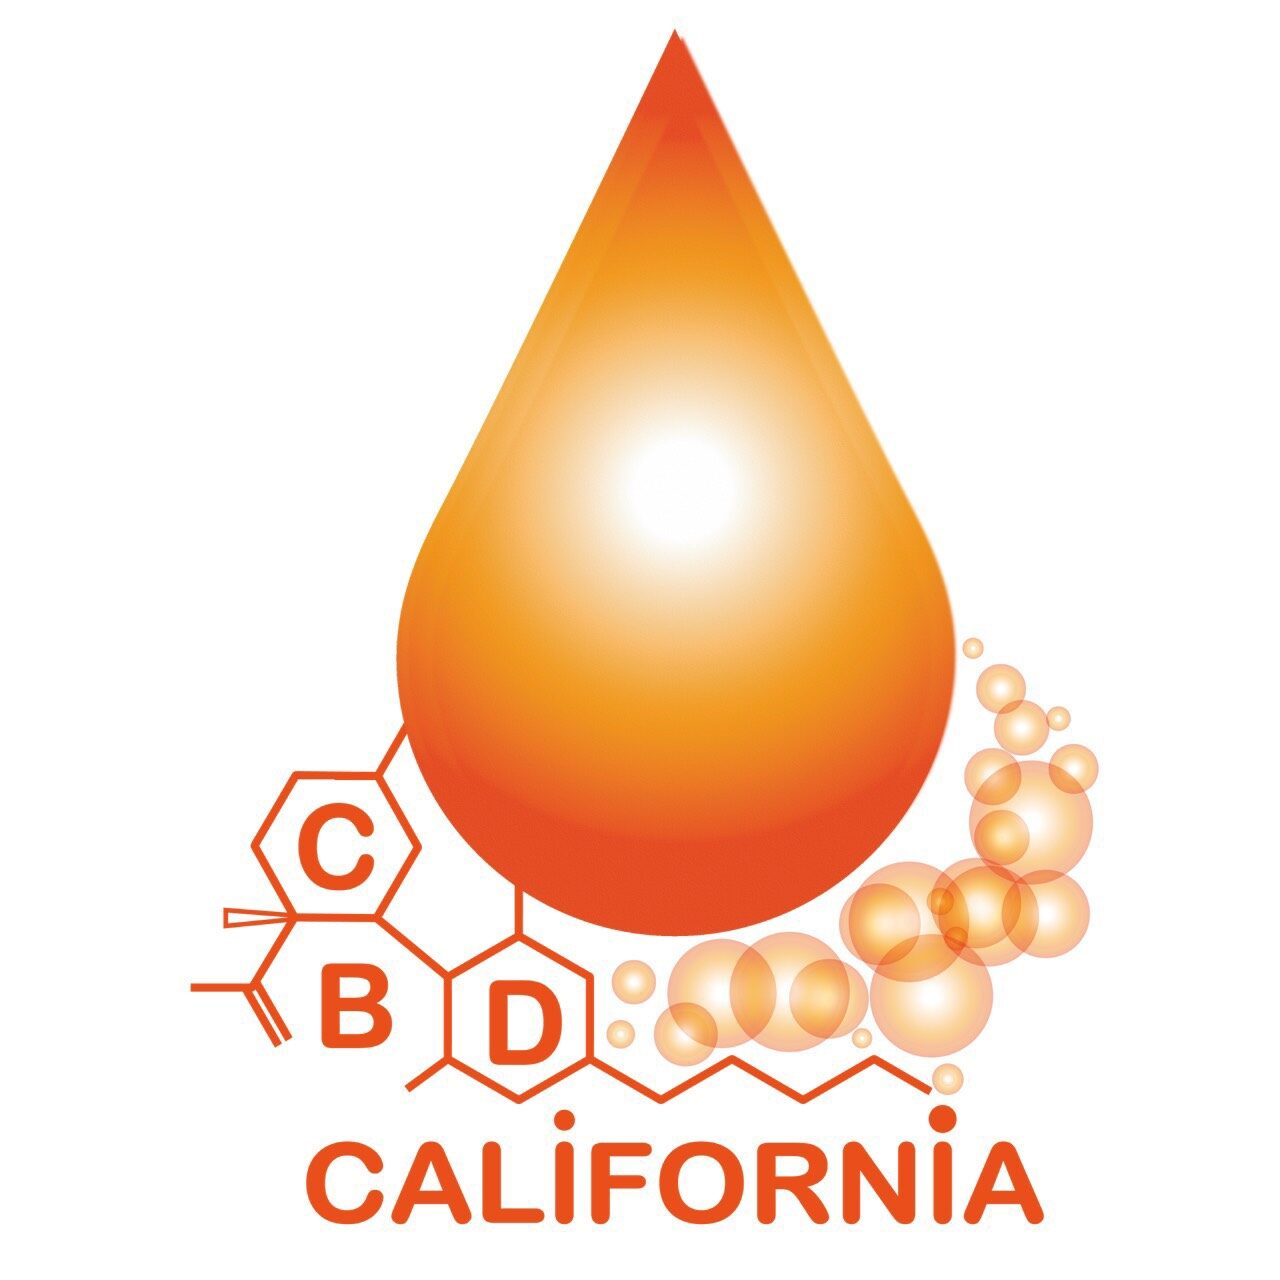 CBD California Trading Company 合同会社